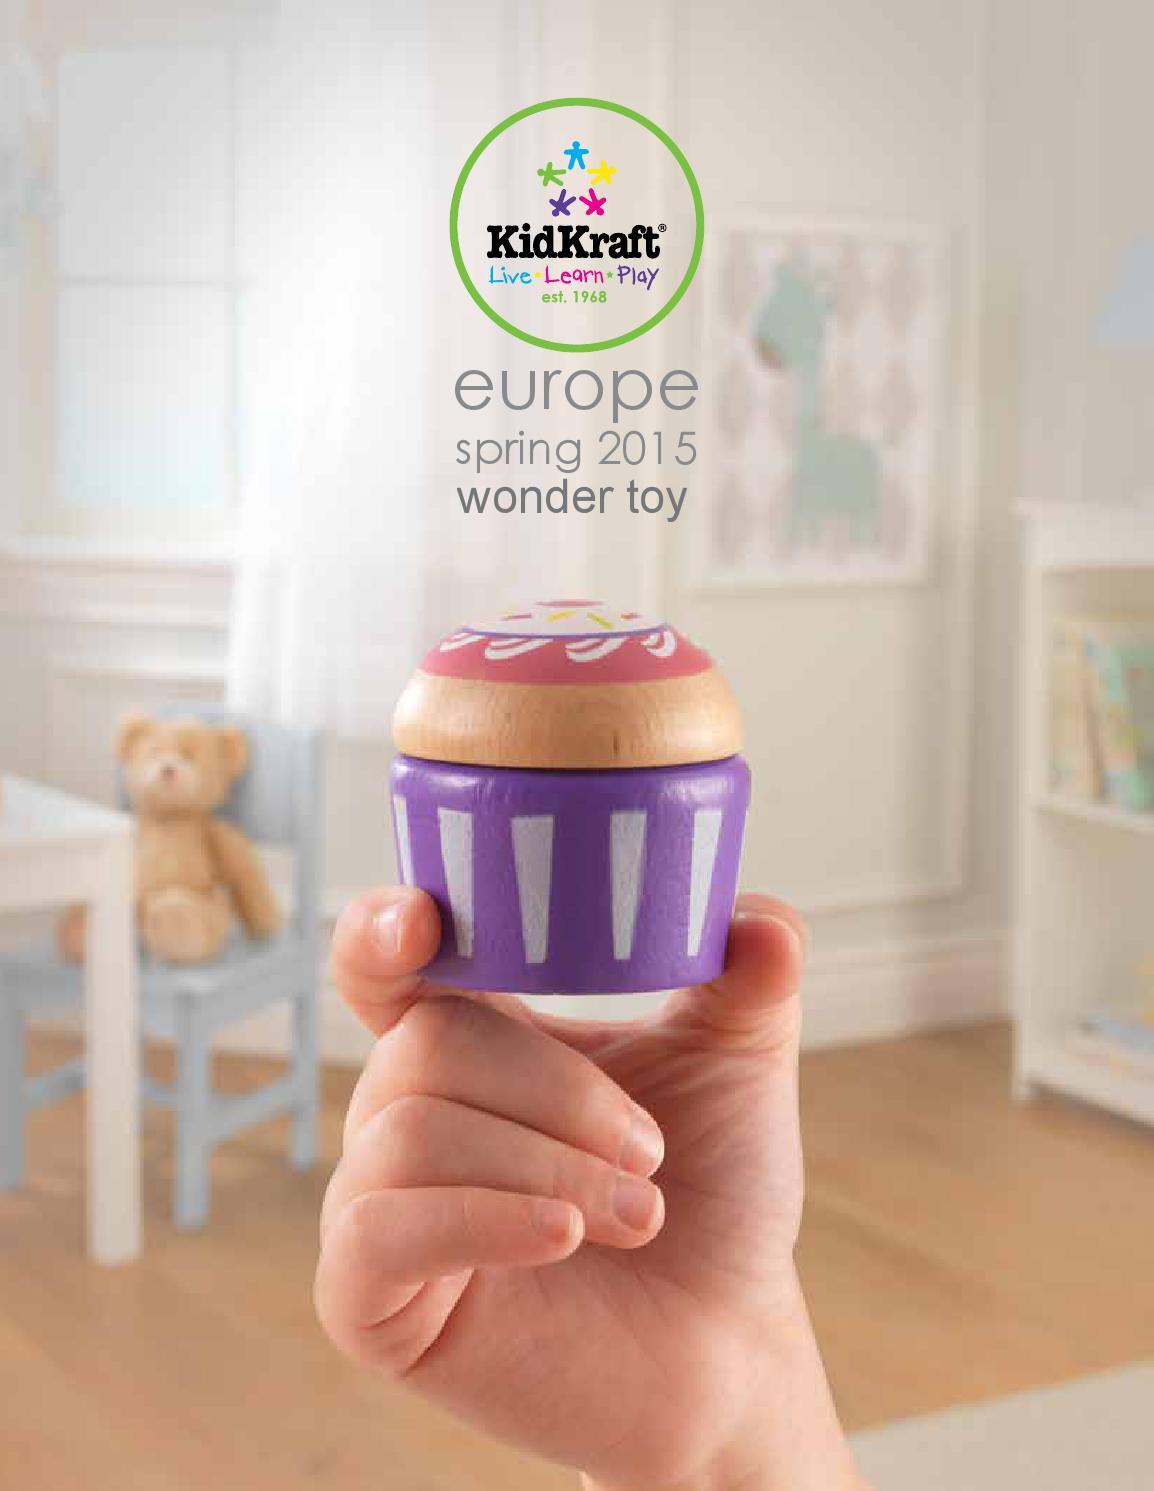 Kidkraft austin toy box natural 14953 - Kidkraft Toys Katalog Wiosna Lato 2015 Wonder Toy Polska By Wonderkid Pl Issuu